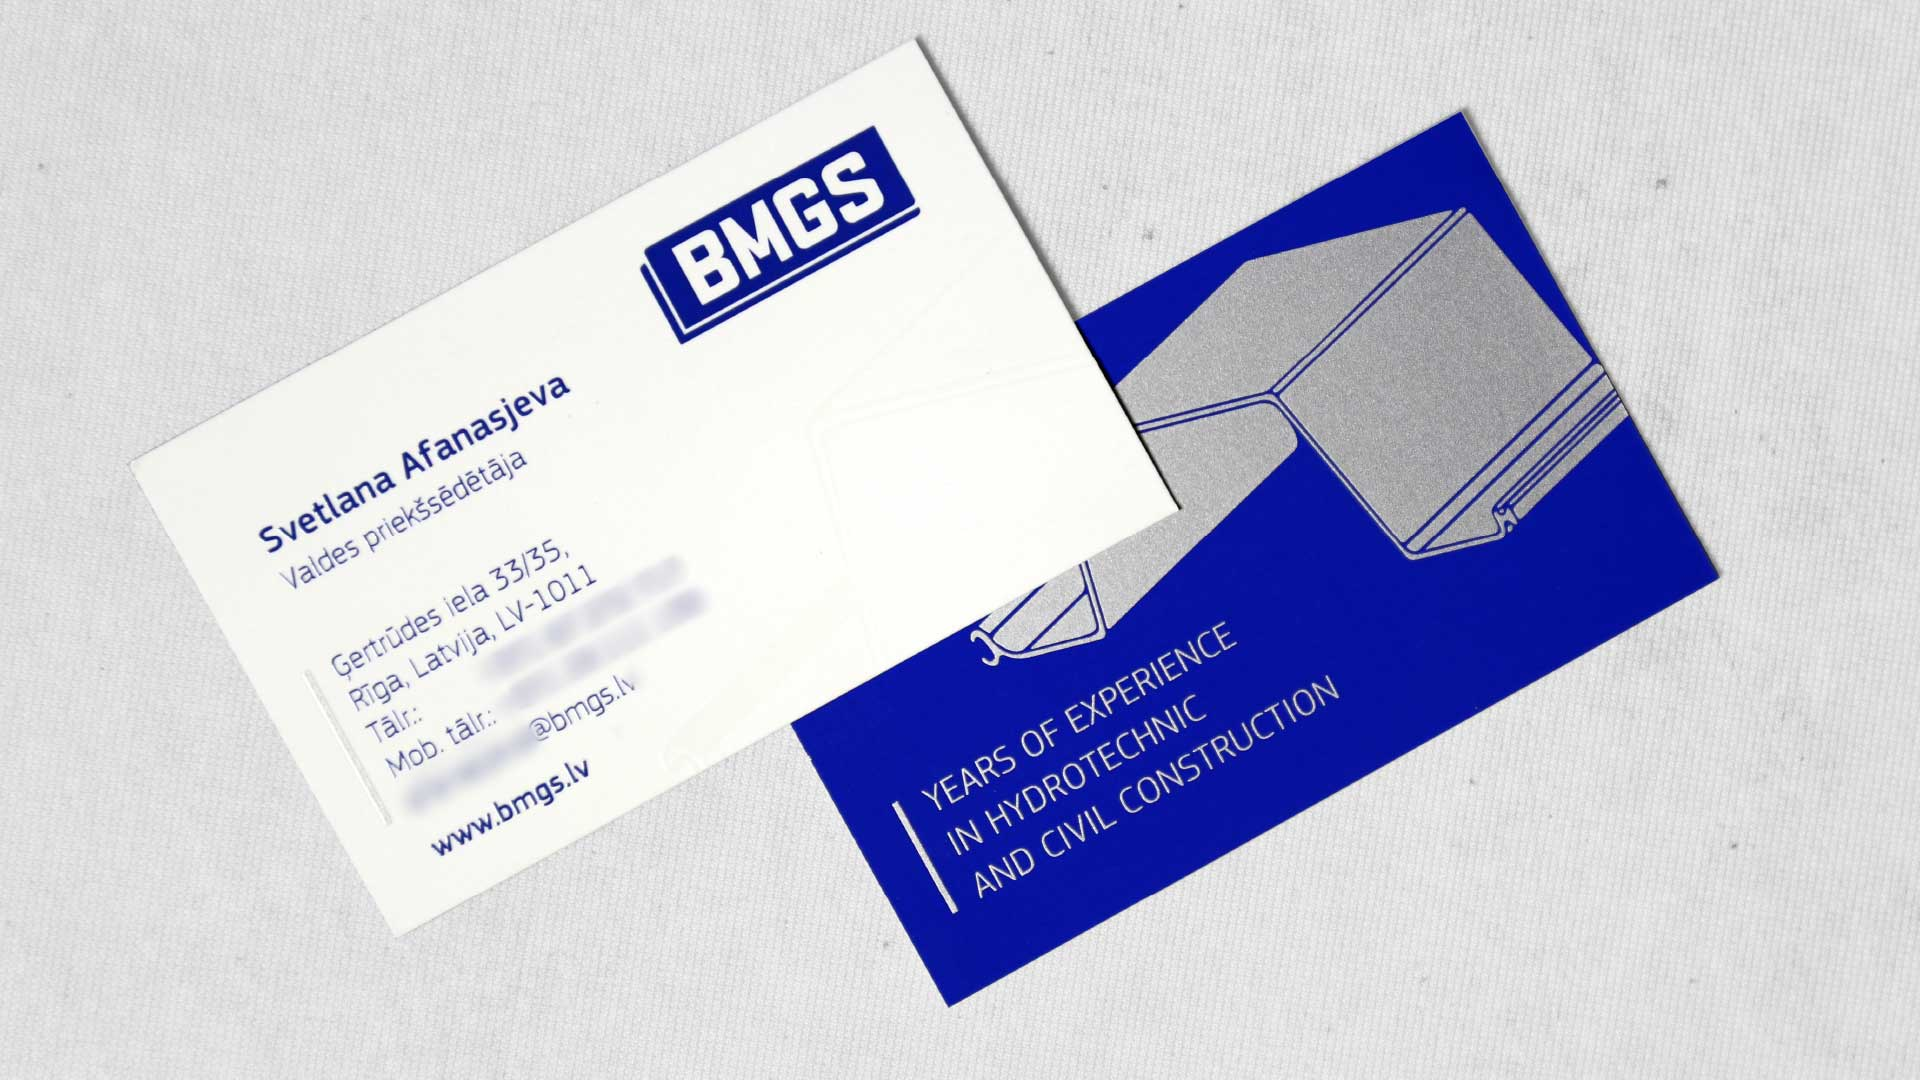 Vizītkaršu izgatavošana BMGS